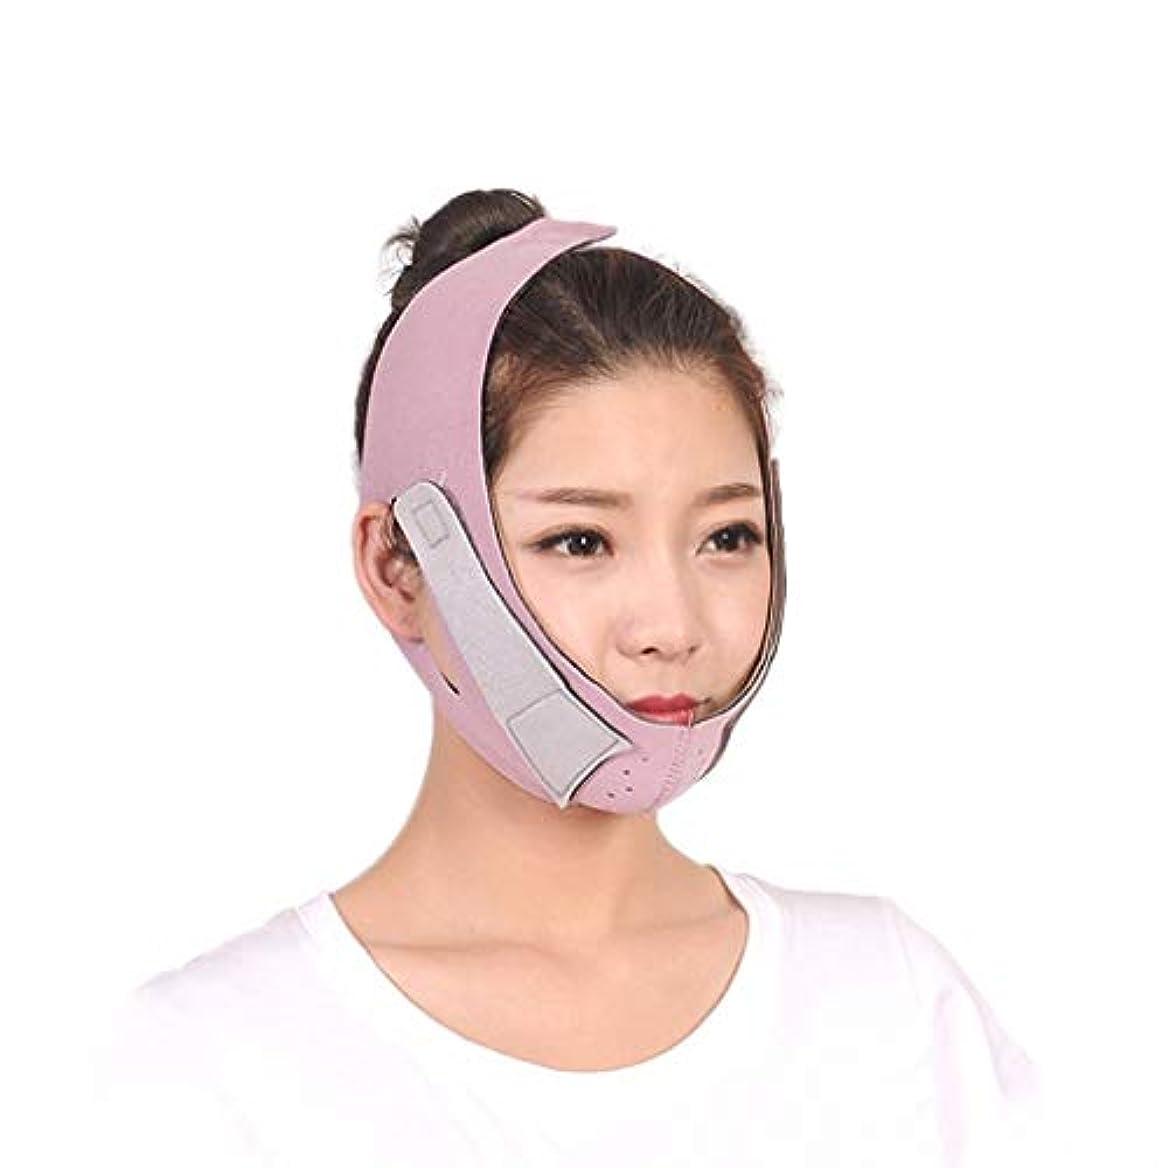 戦術つなぐ量でJia He 軽量 薄い顔ベルト、通気性睡眠マスク薄い顔薄い二重あごはアンチリンクルVフェイスアーティファクトバンチフェイスベルトを持ち上げ ## (Color : Pink)